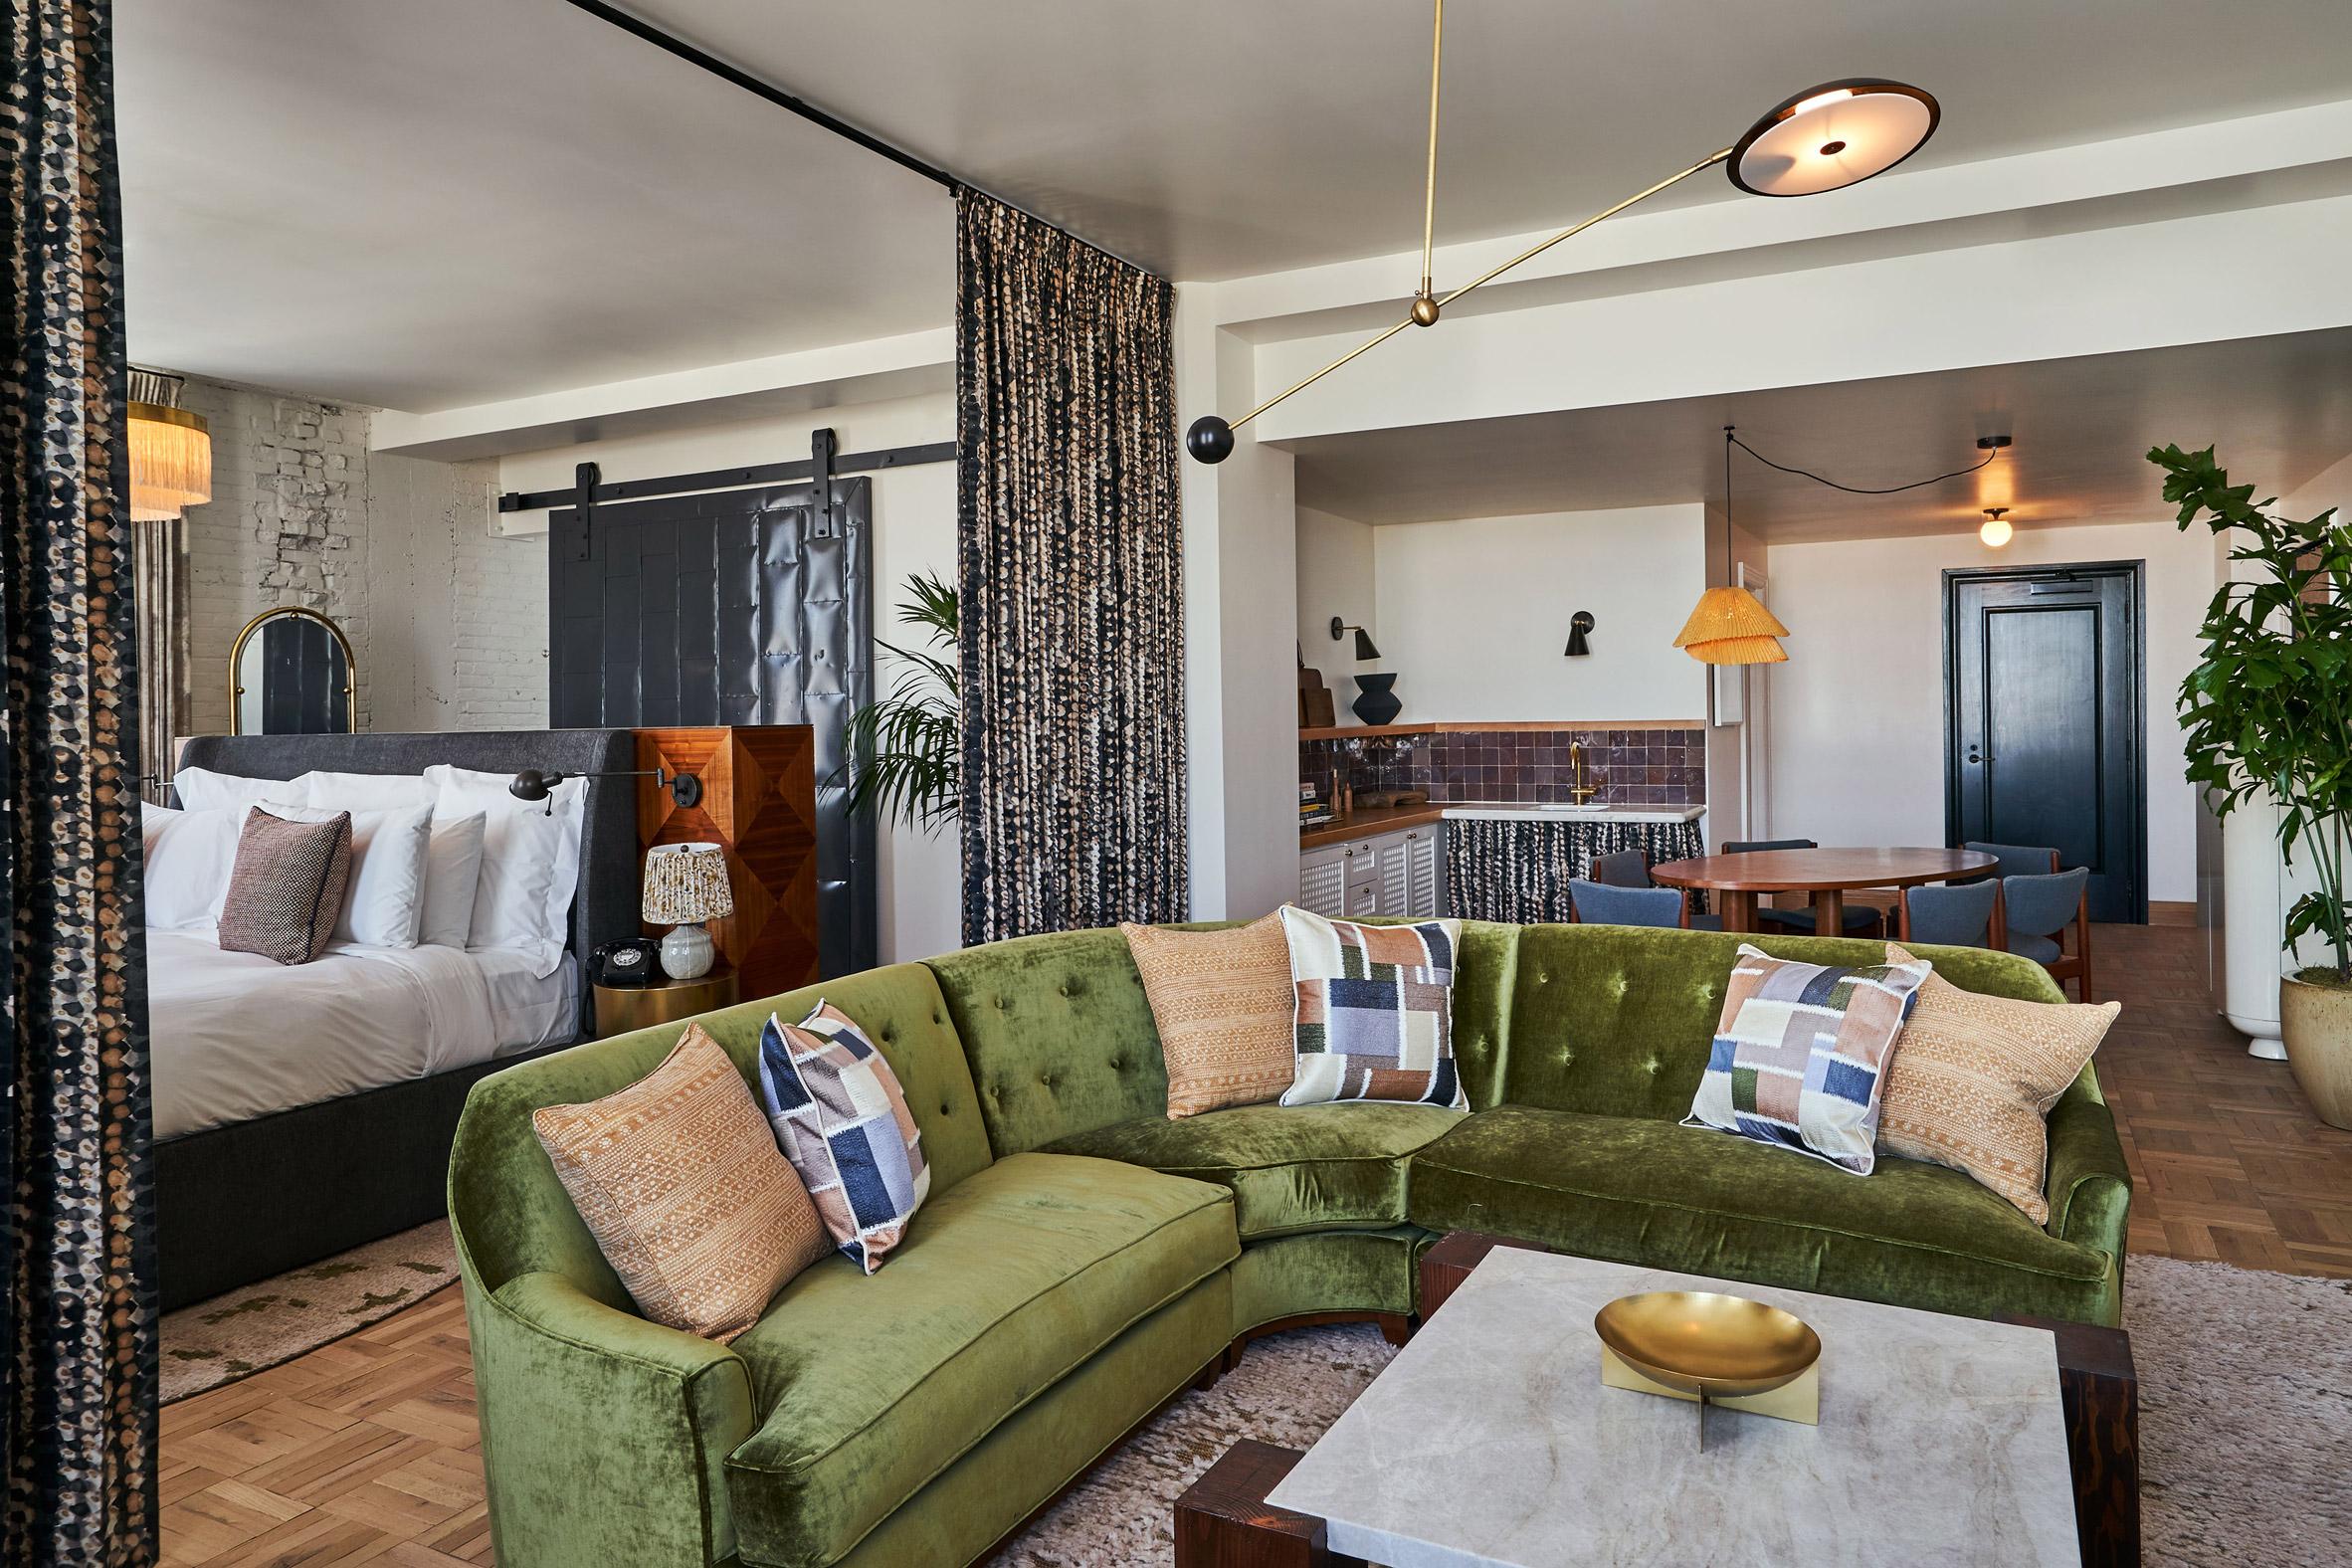 Thiết kế nội thất nhà hàng khách sạn 16